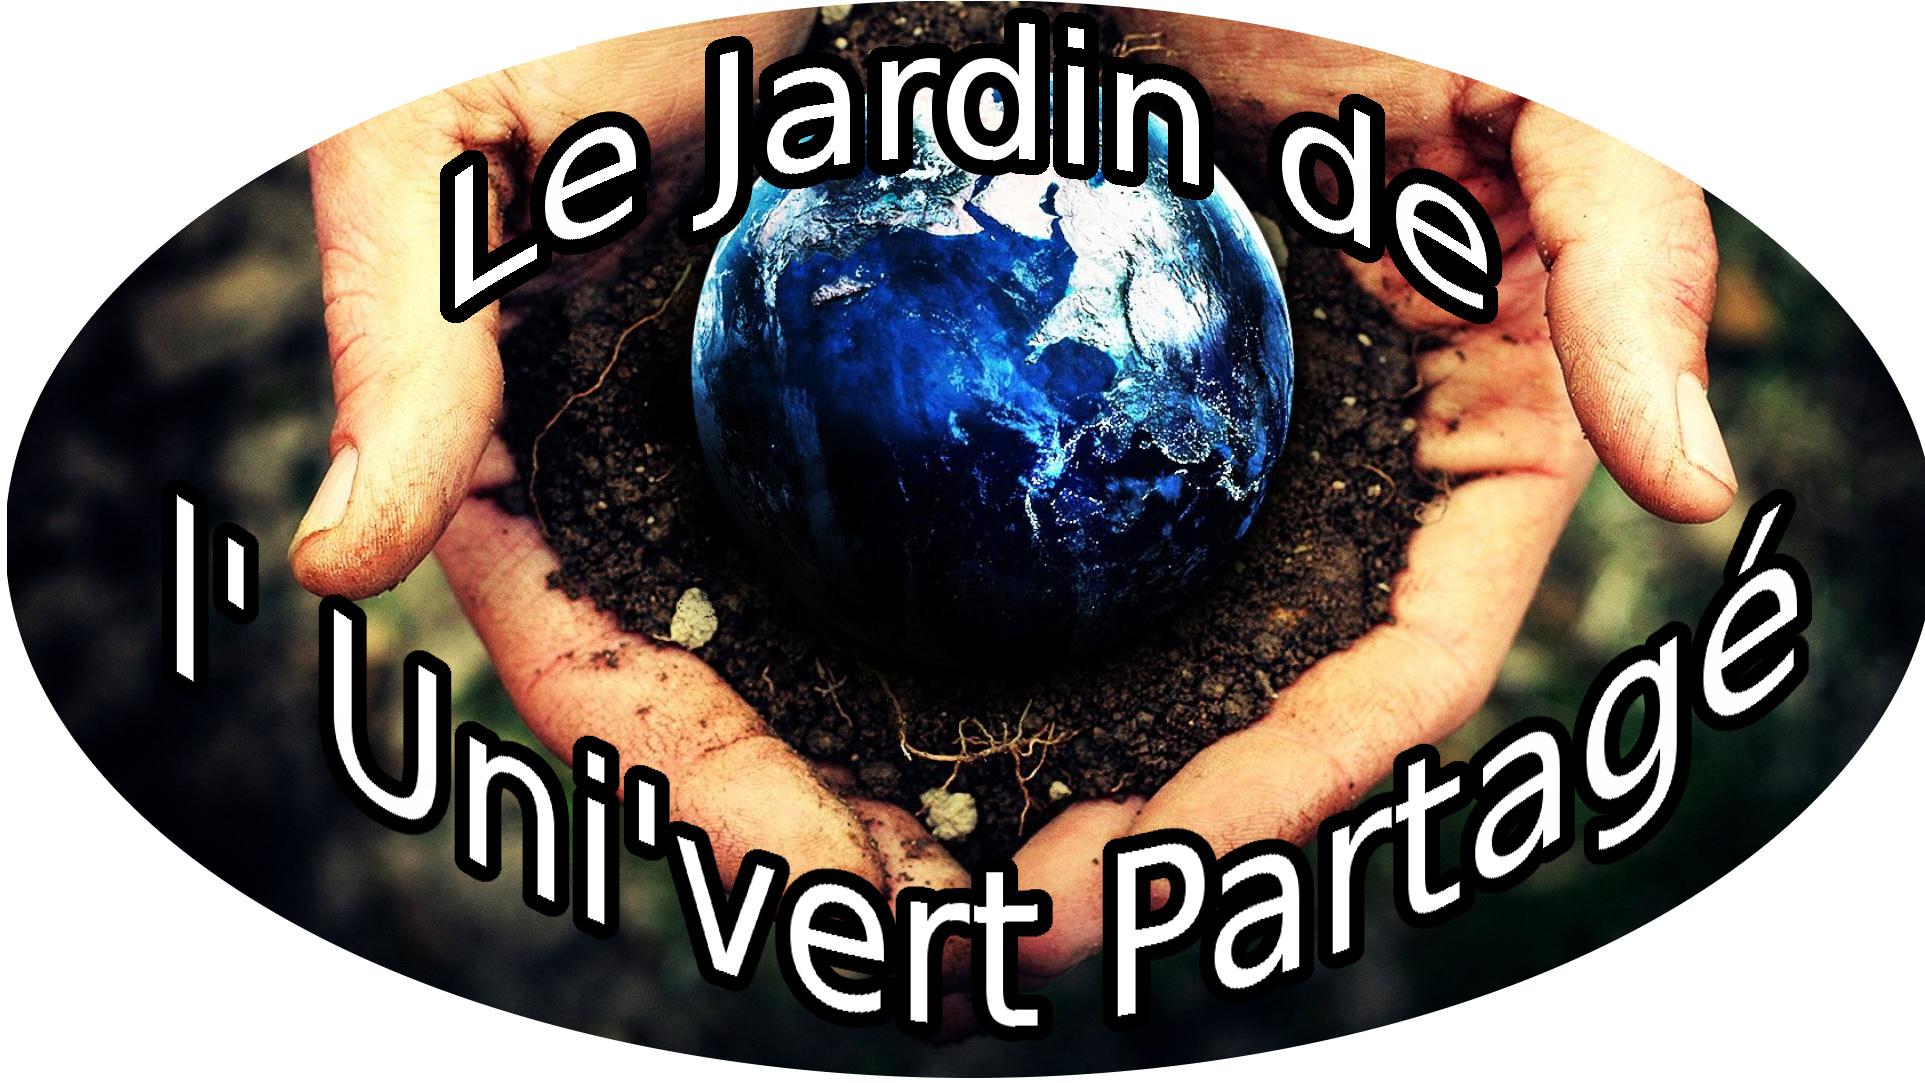 Le Jardin de l'Uni'vert Partagé à Villard-de-Lans